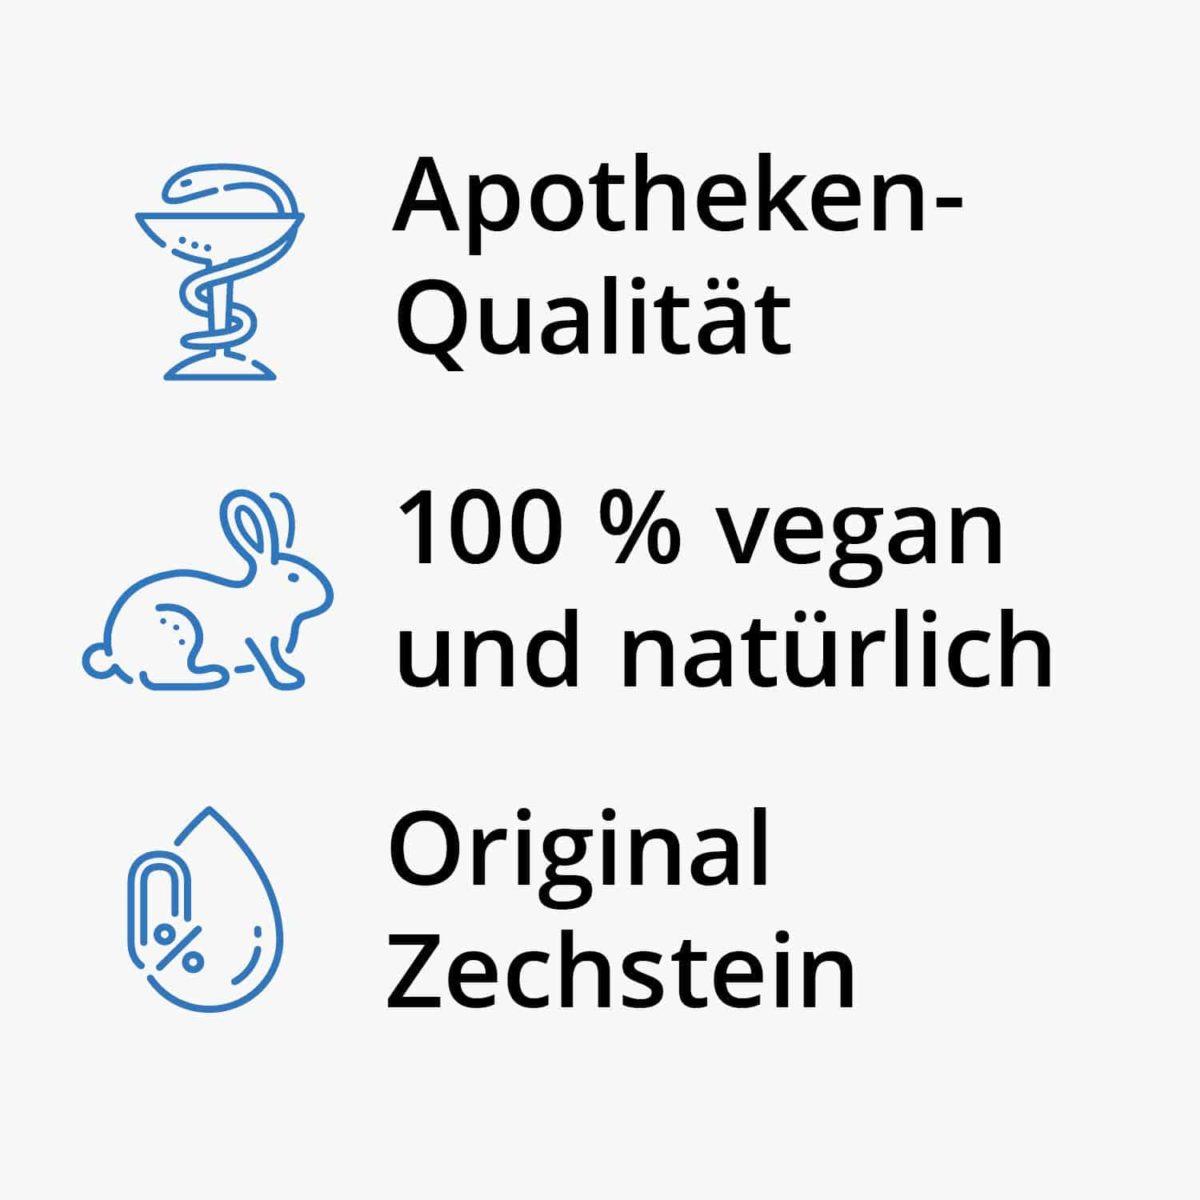 Casida Magnesiumchlorid zum Einnehmen Trinken Zechstein 210 g 15190615 PZN Apotheke Saft Wasser Bioverfügbarkeit4